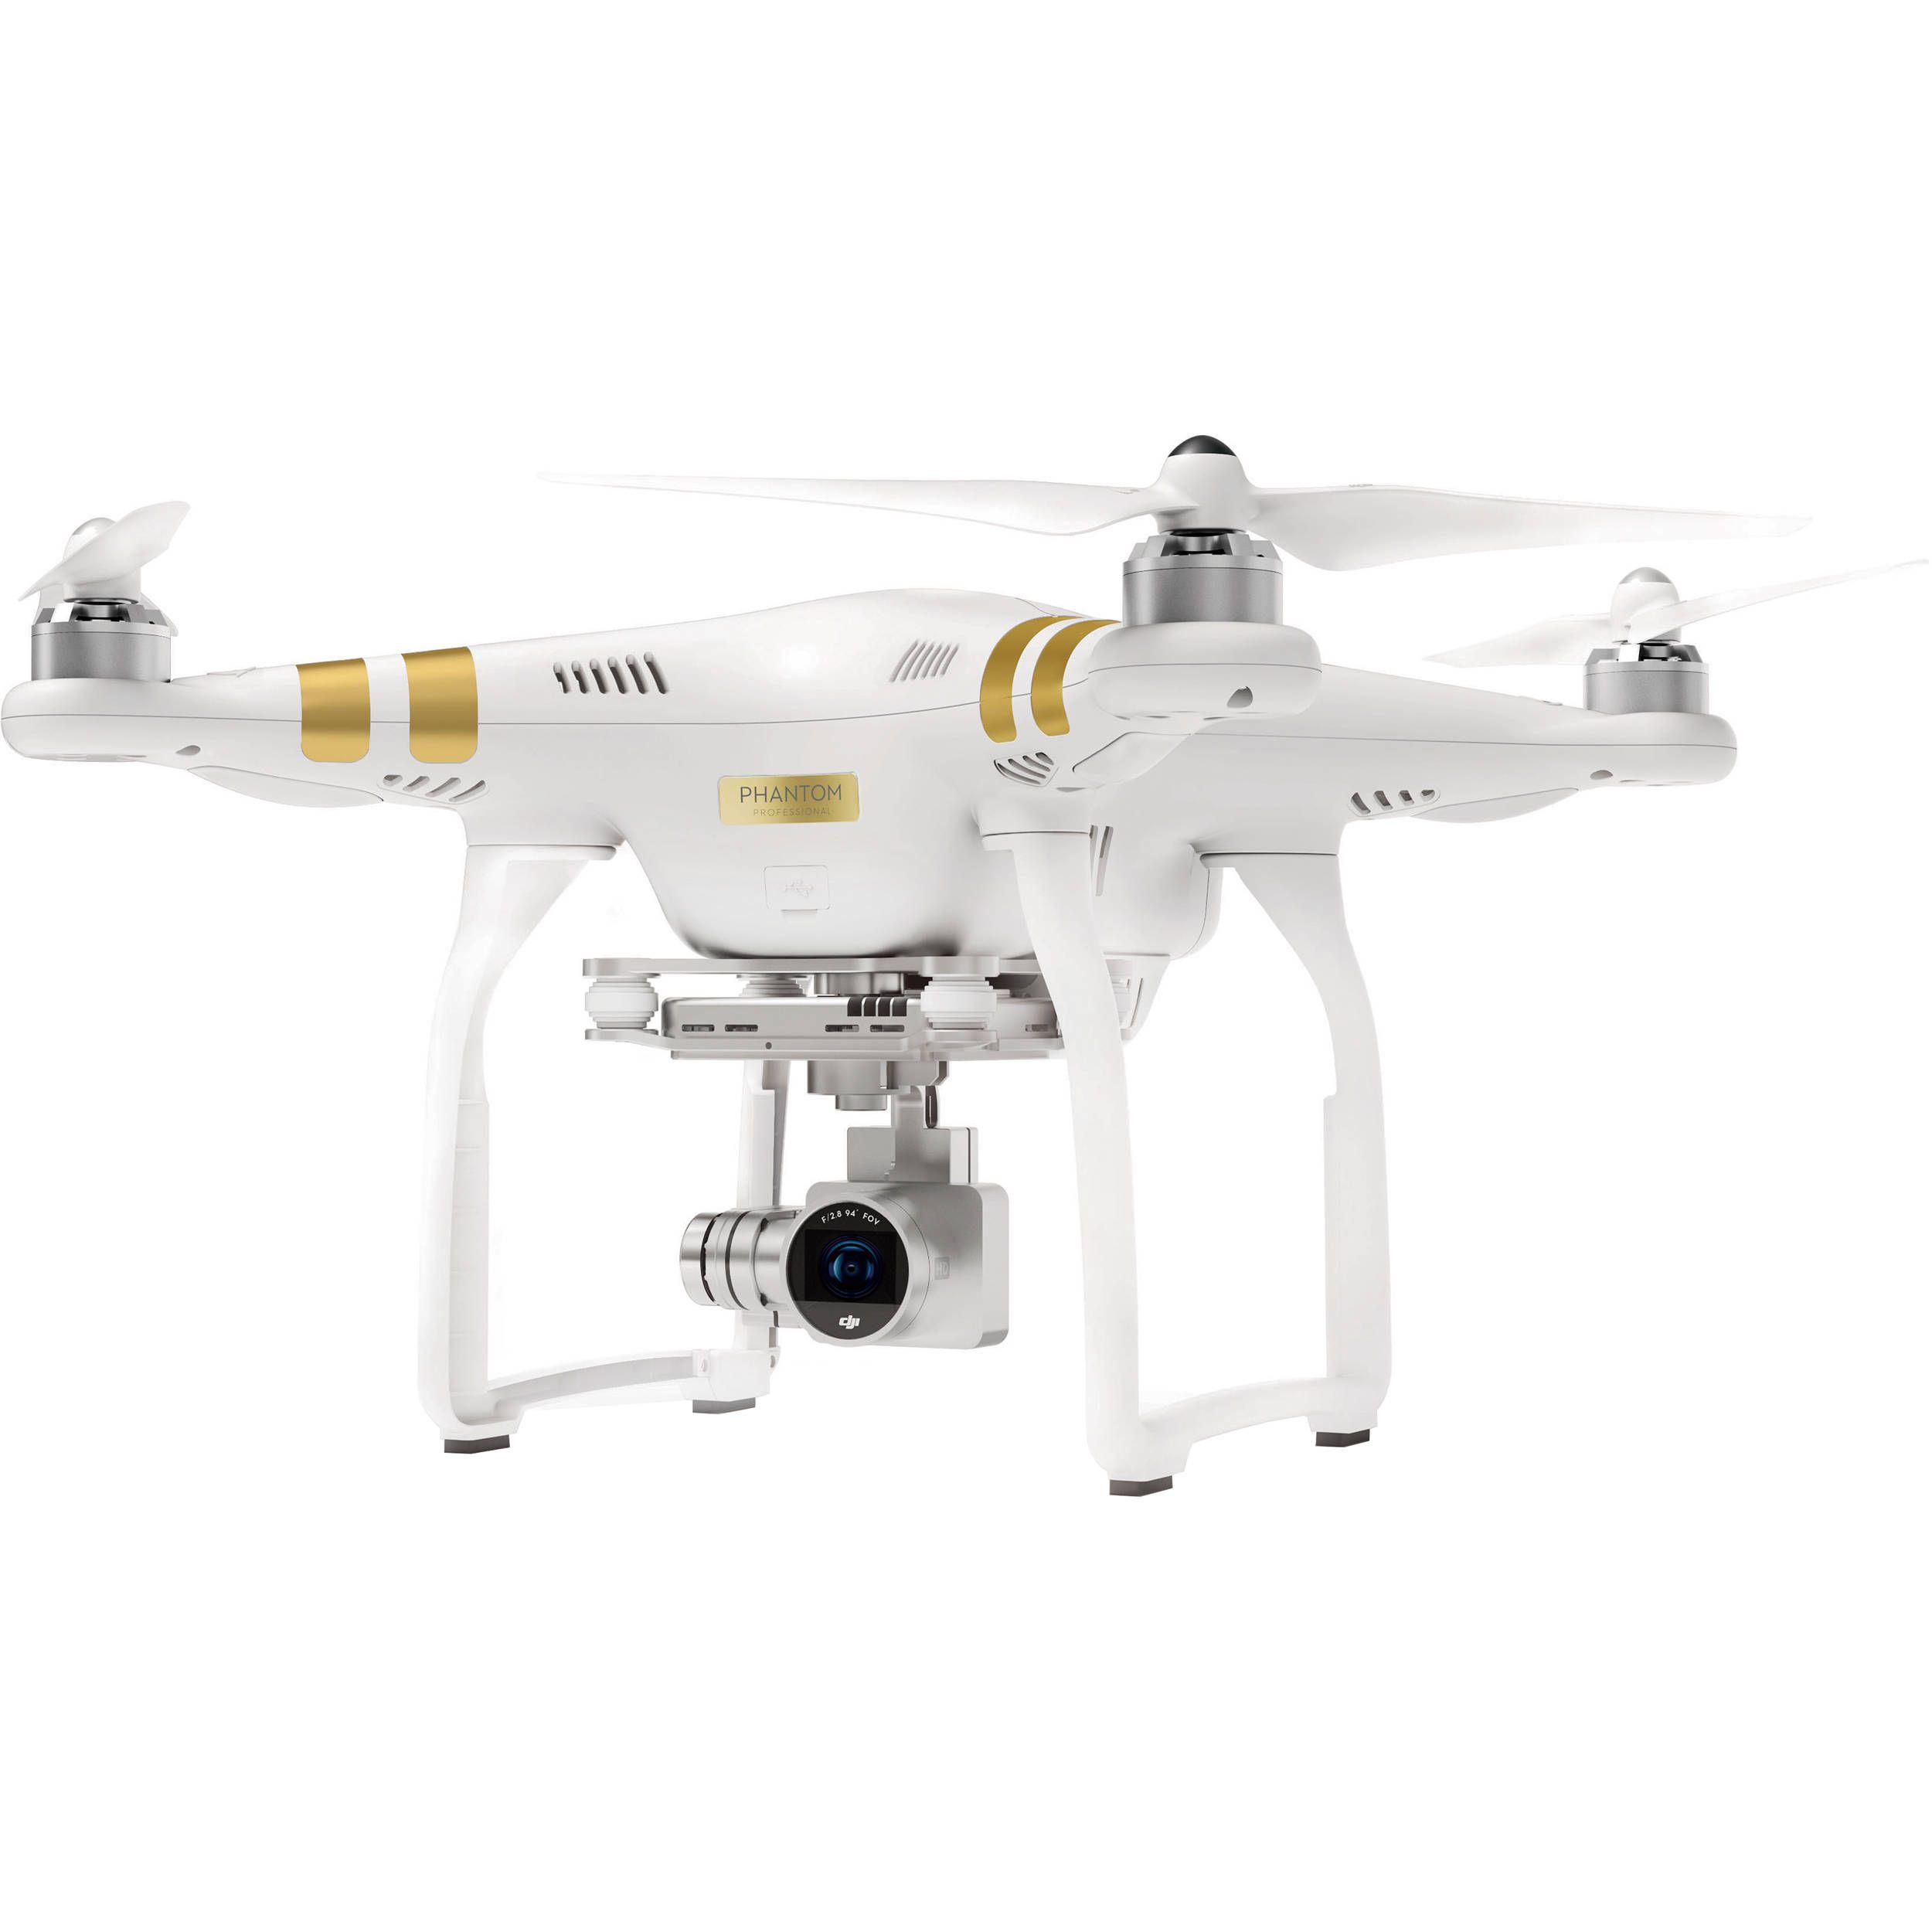 Комплект лопастей к дрону phantom 4 pro заказать очки dji к диджиай в астрахань